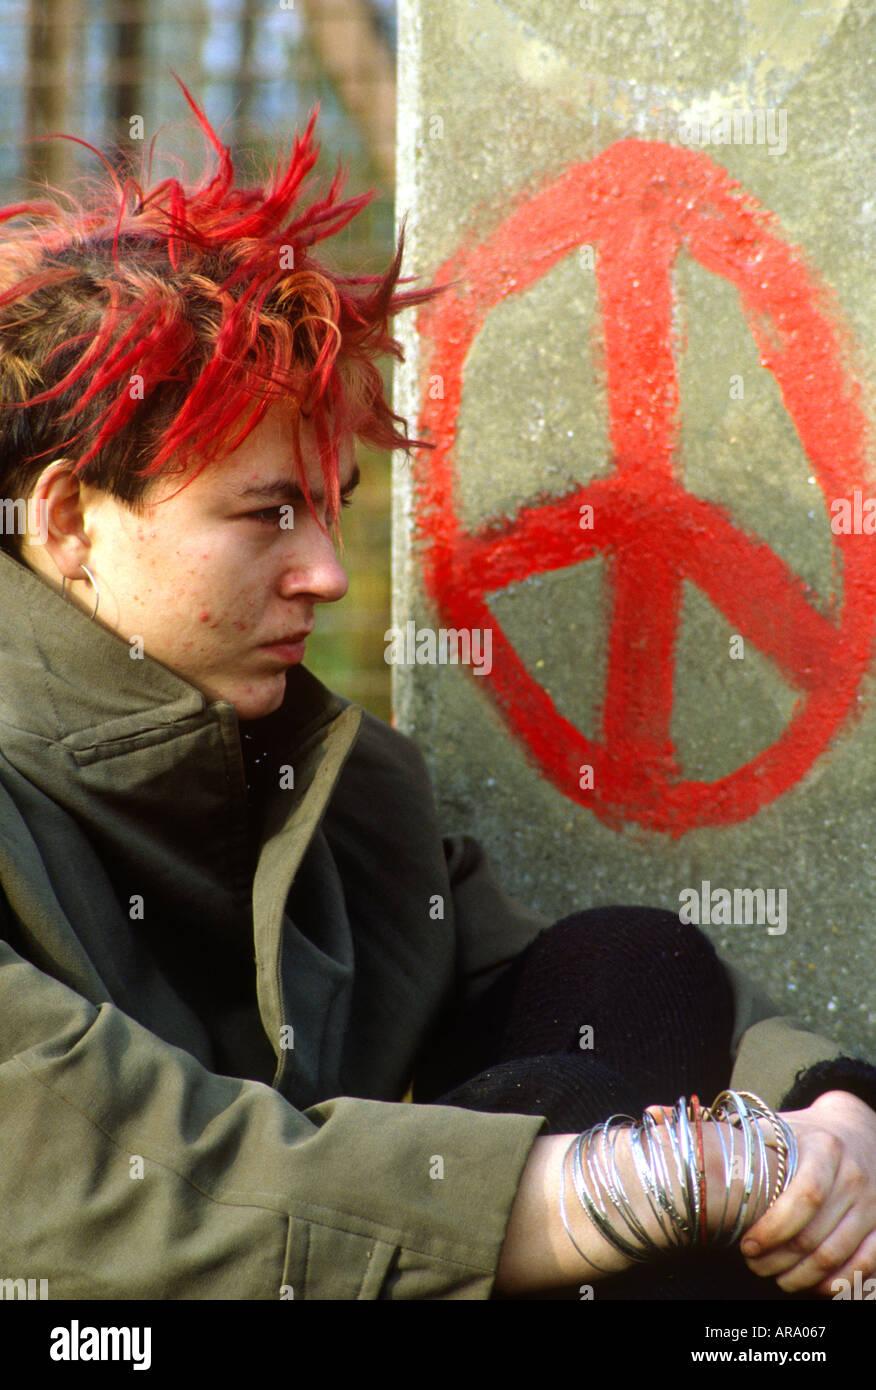 Regno Unito Inghilterra Greenham Common donne camp a protestare a base di armi nucleari nel 1980 s SB Immagini Stock